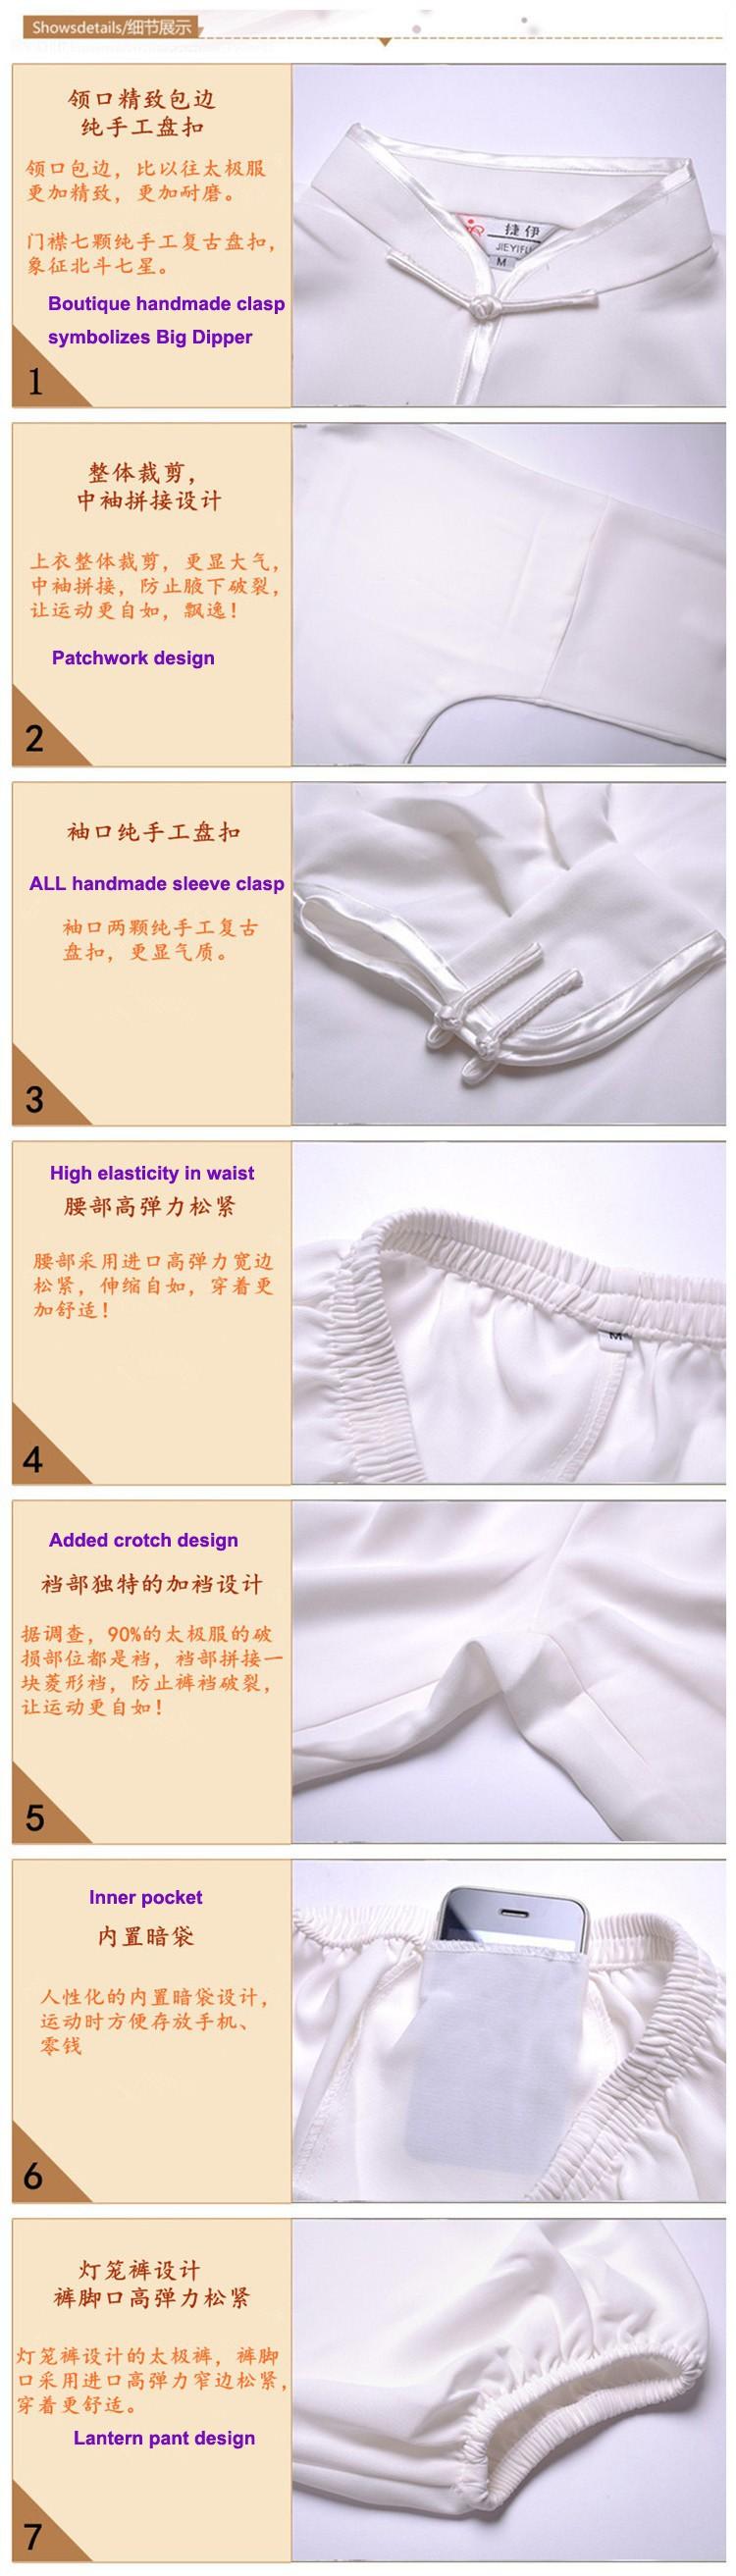 новой модной одежды тайцзи, традиционная форма боевых искусств, бутик мягкой дышащей Китайская тайцзи формы, пальто + брюки унисекс